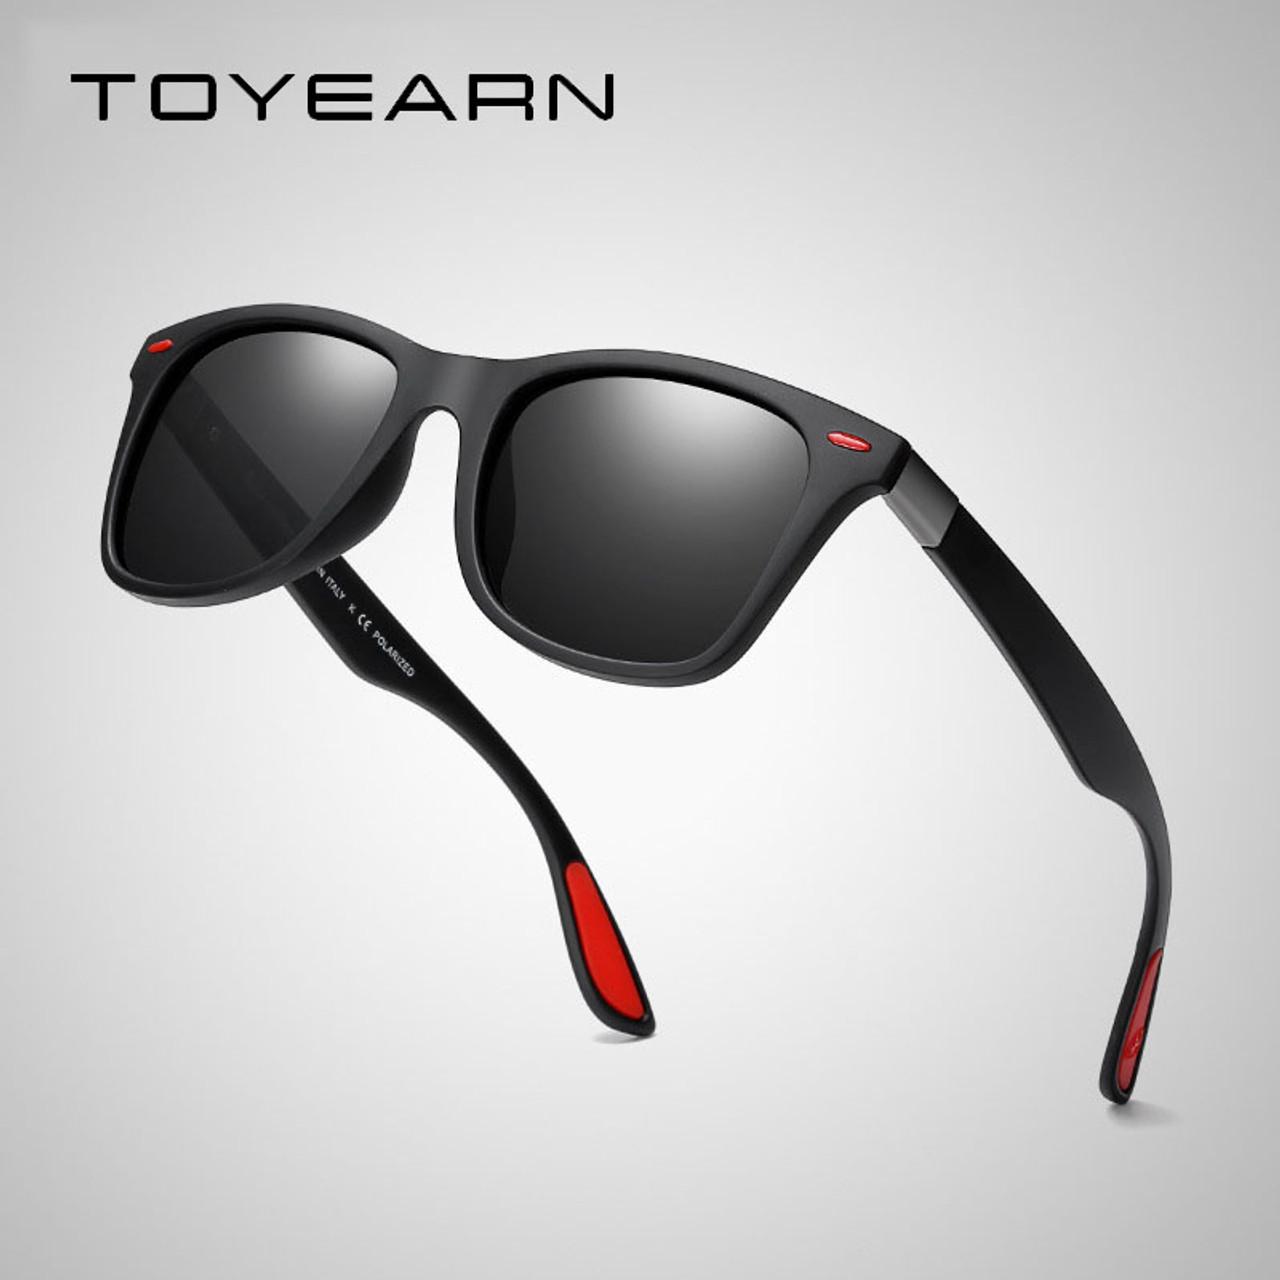 e4428a2a10 ... TOYEARN Classic Square Polarized Sunglasses Men Women Brand Designer  Vintage Driving Goggle Rivet Mirror Male Sun ...